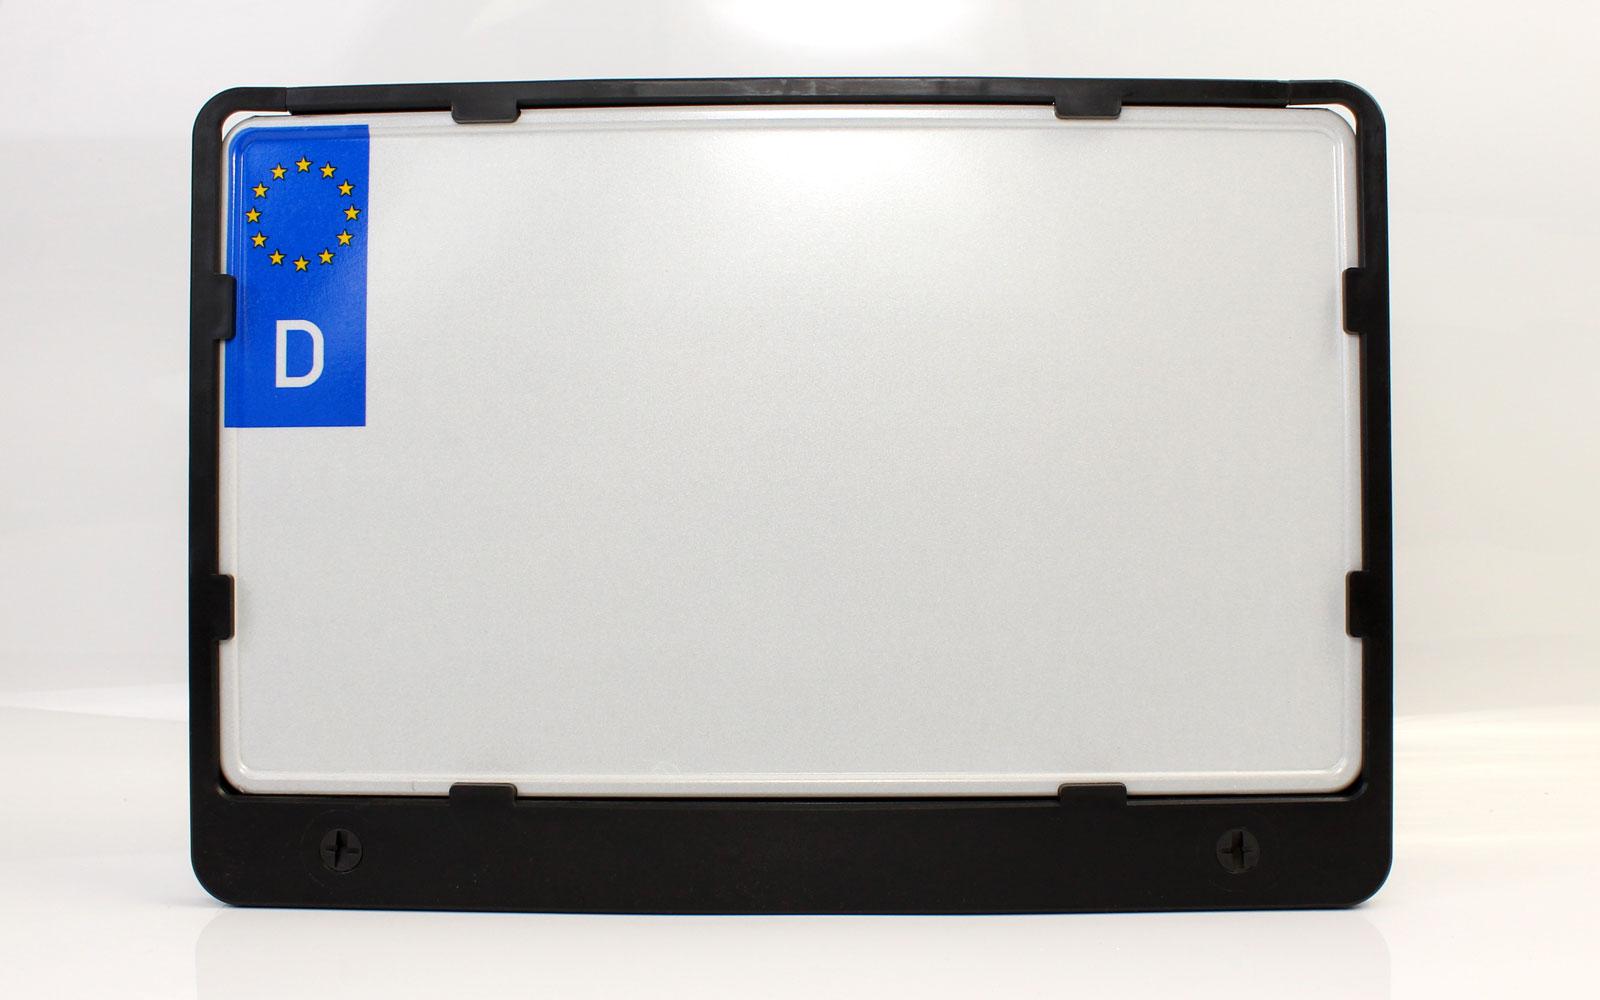 340x200 Kennzeichenhalter für die Befestigung von Kfz-Kennzeichen